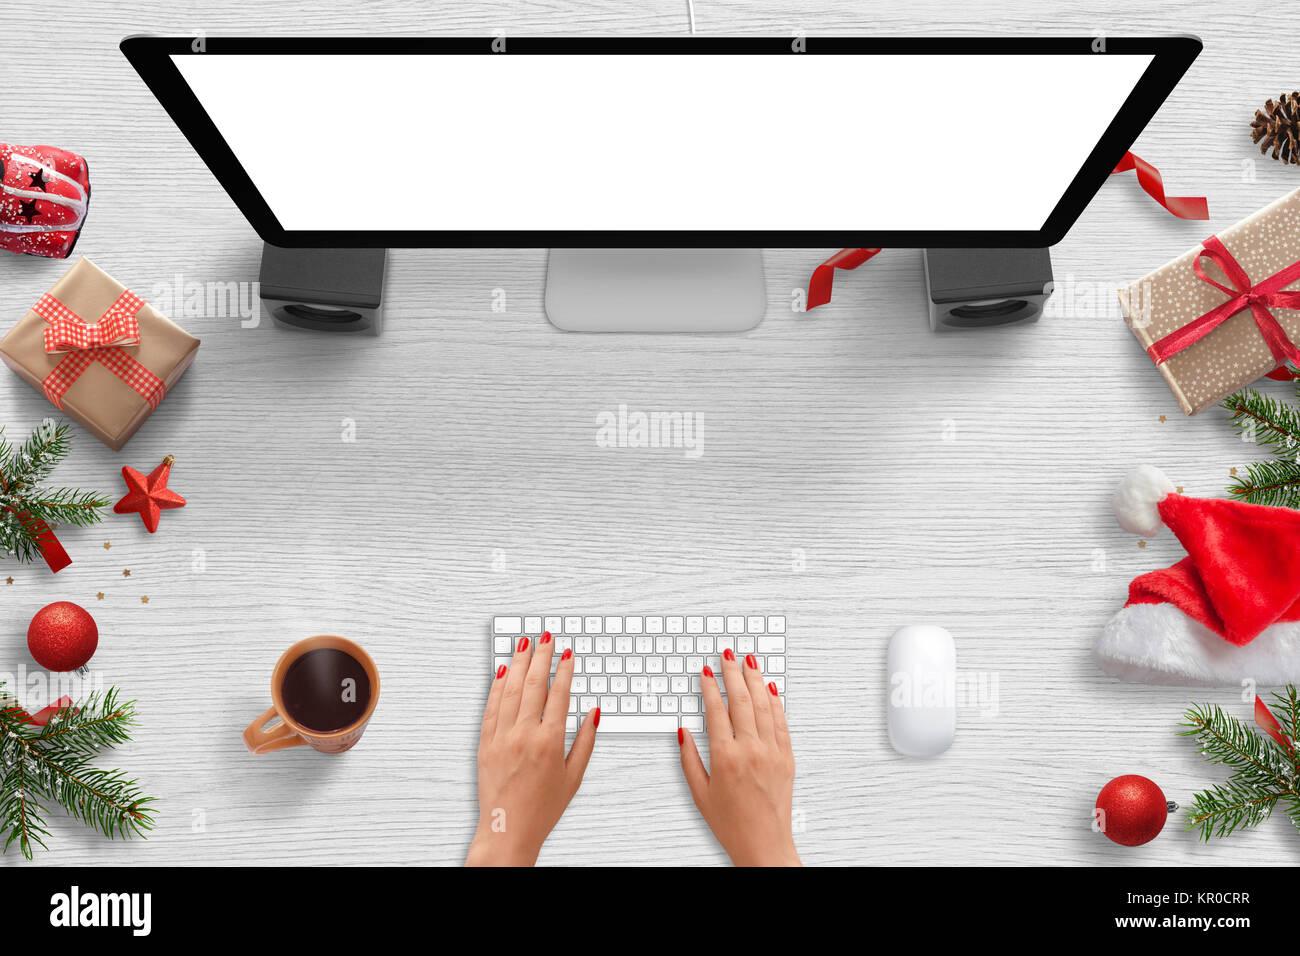 Frau Arbeit auf Computer mit isolierten Bildschirm für mockup ...